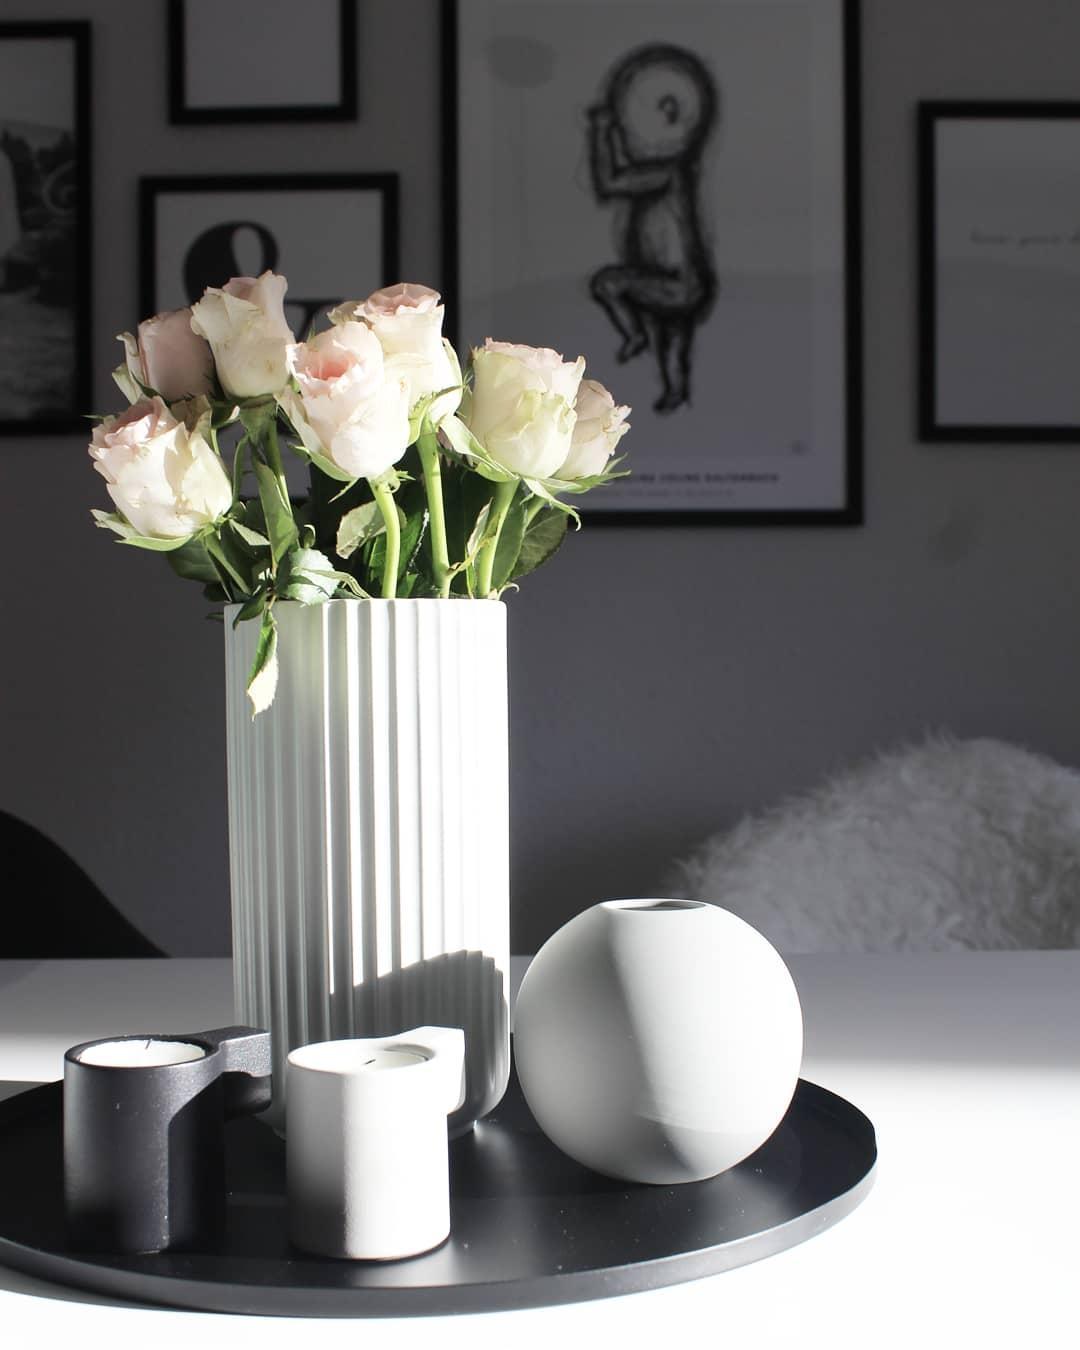 Ich Liebe Diese Vase Lyngby Vase Blumen Skand